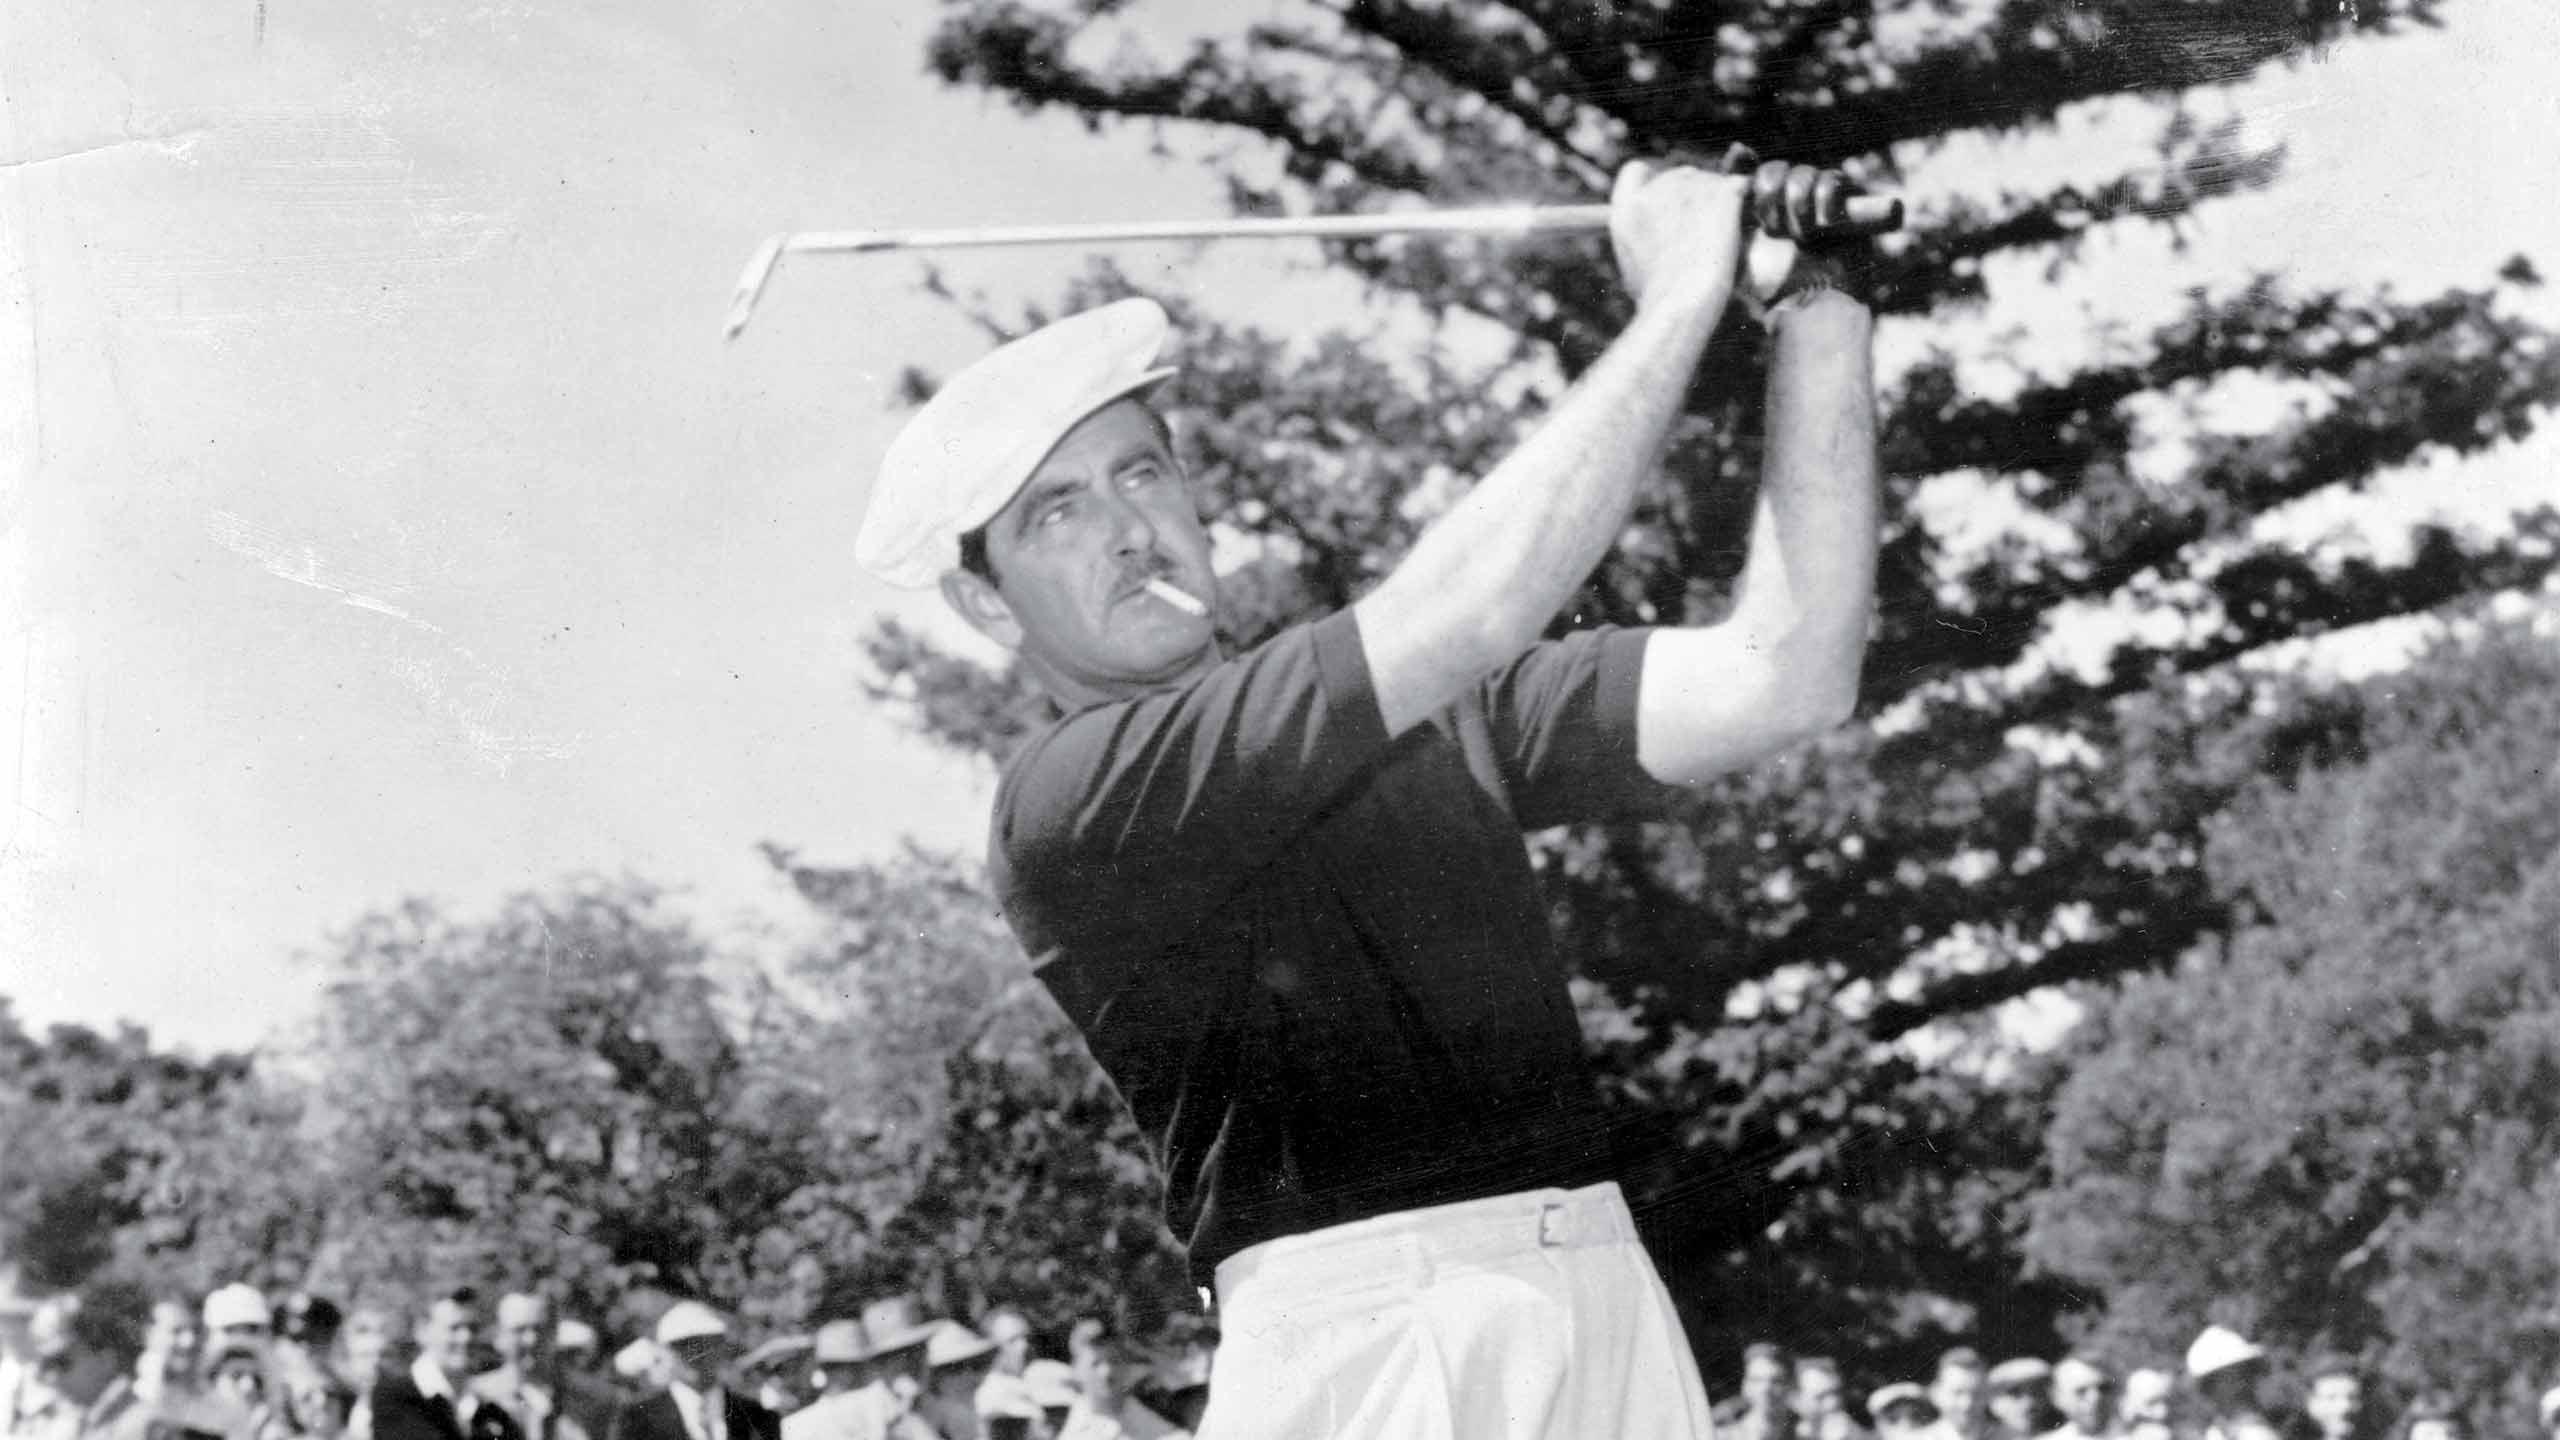 Lloyd Mangrum, winner of the 1946 U.S. Open Championship, hits a shot.